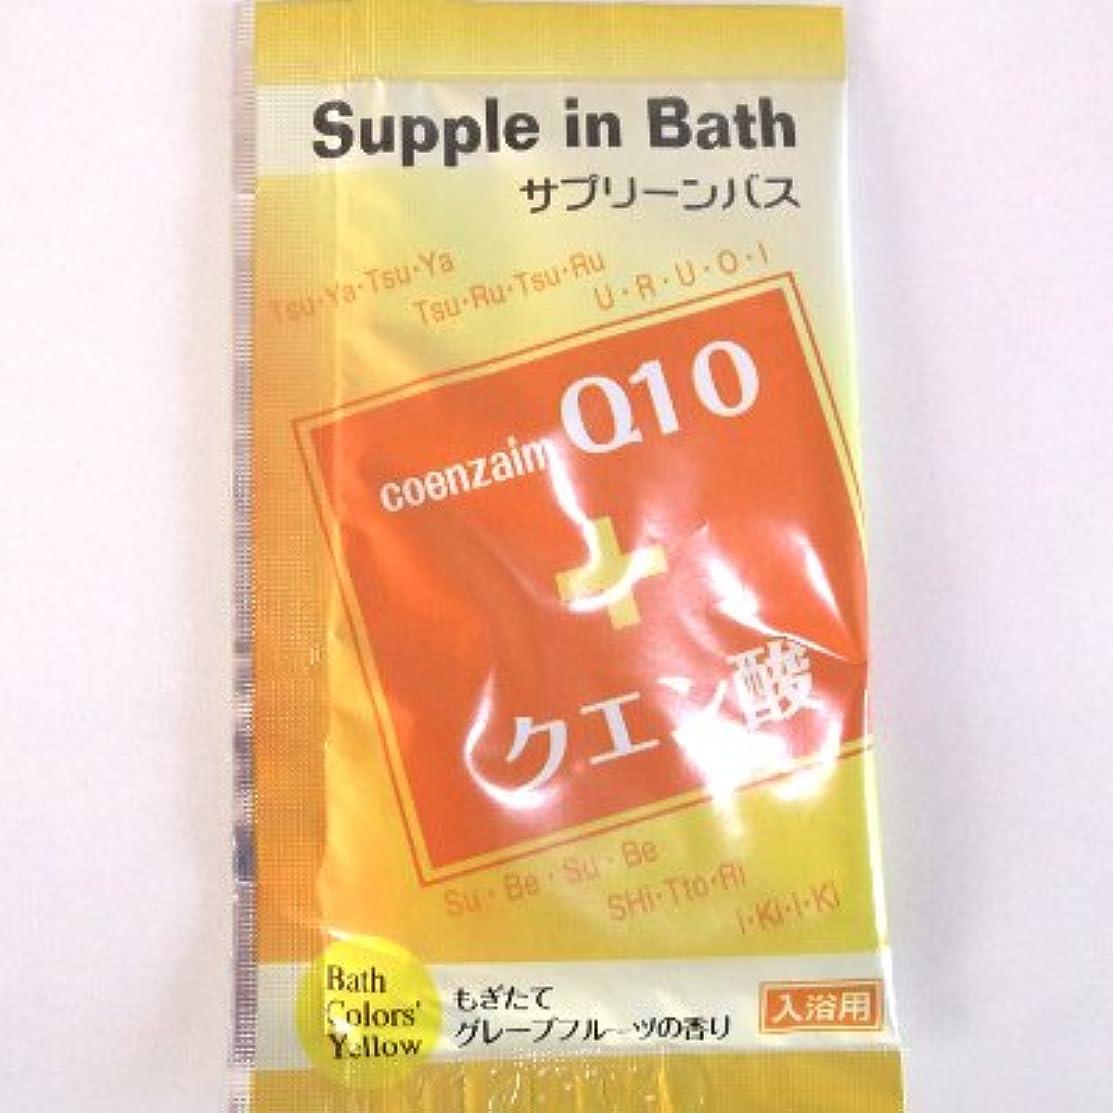 値下げ苦行中世のサプリーンバス コエンザイムQ10+クエン酸